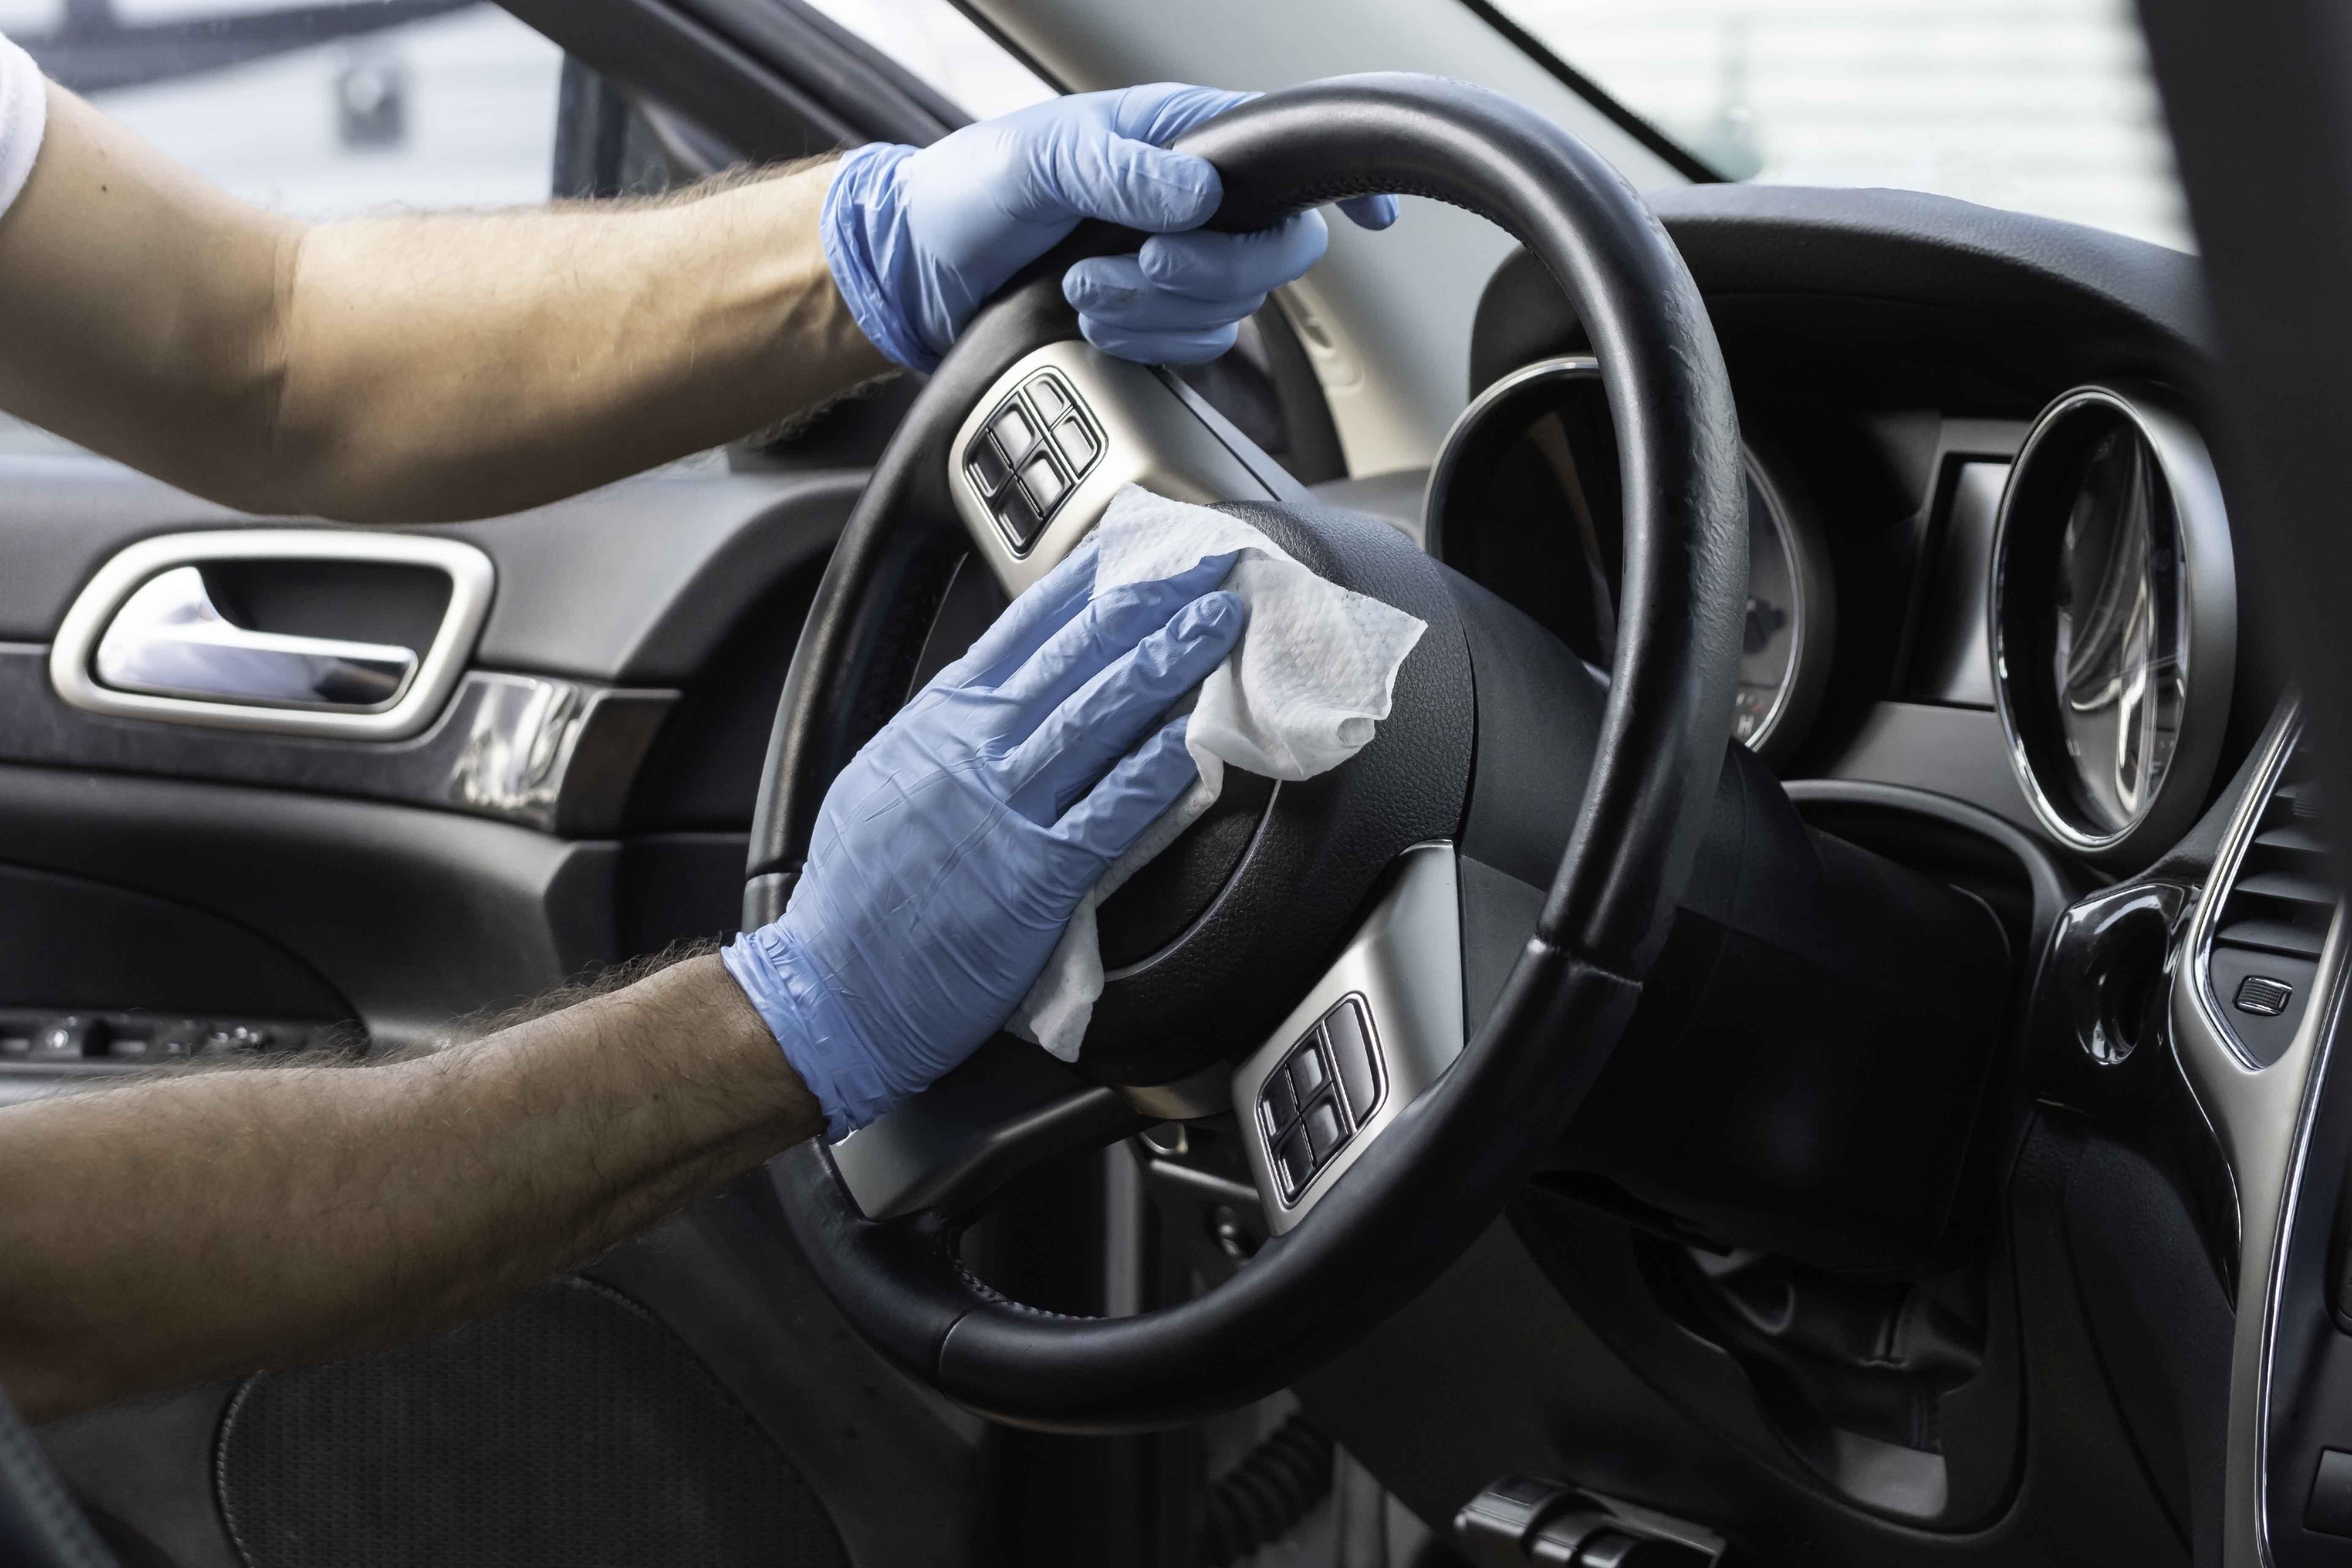 Reinigungs- und -desinfektionsprotokoll für Fahrzeuge